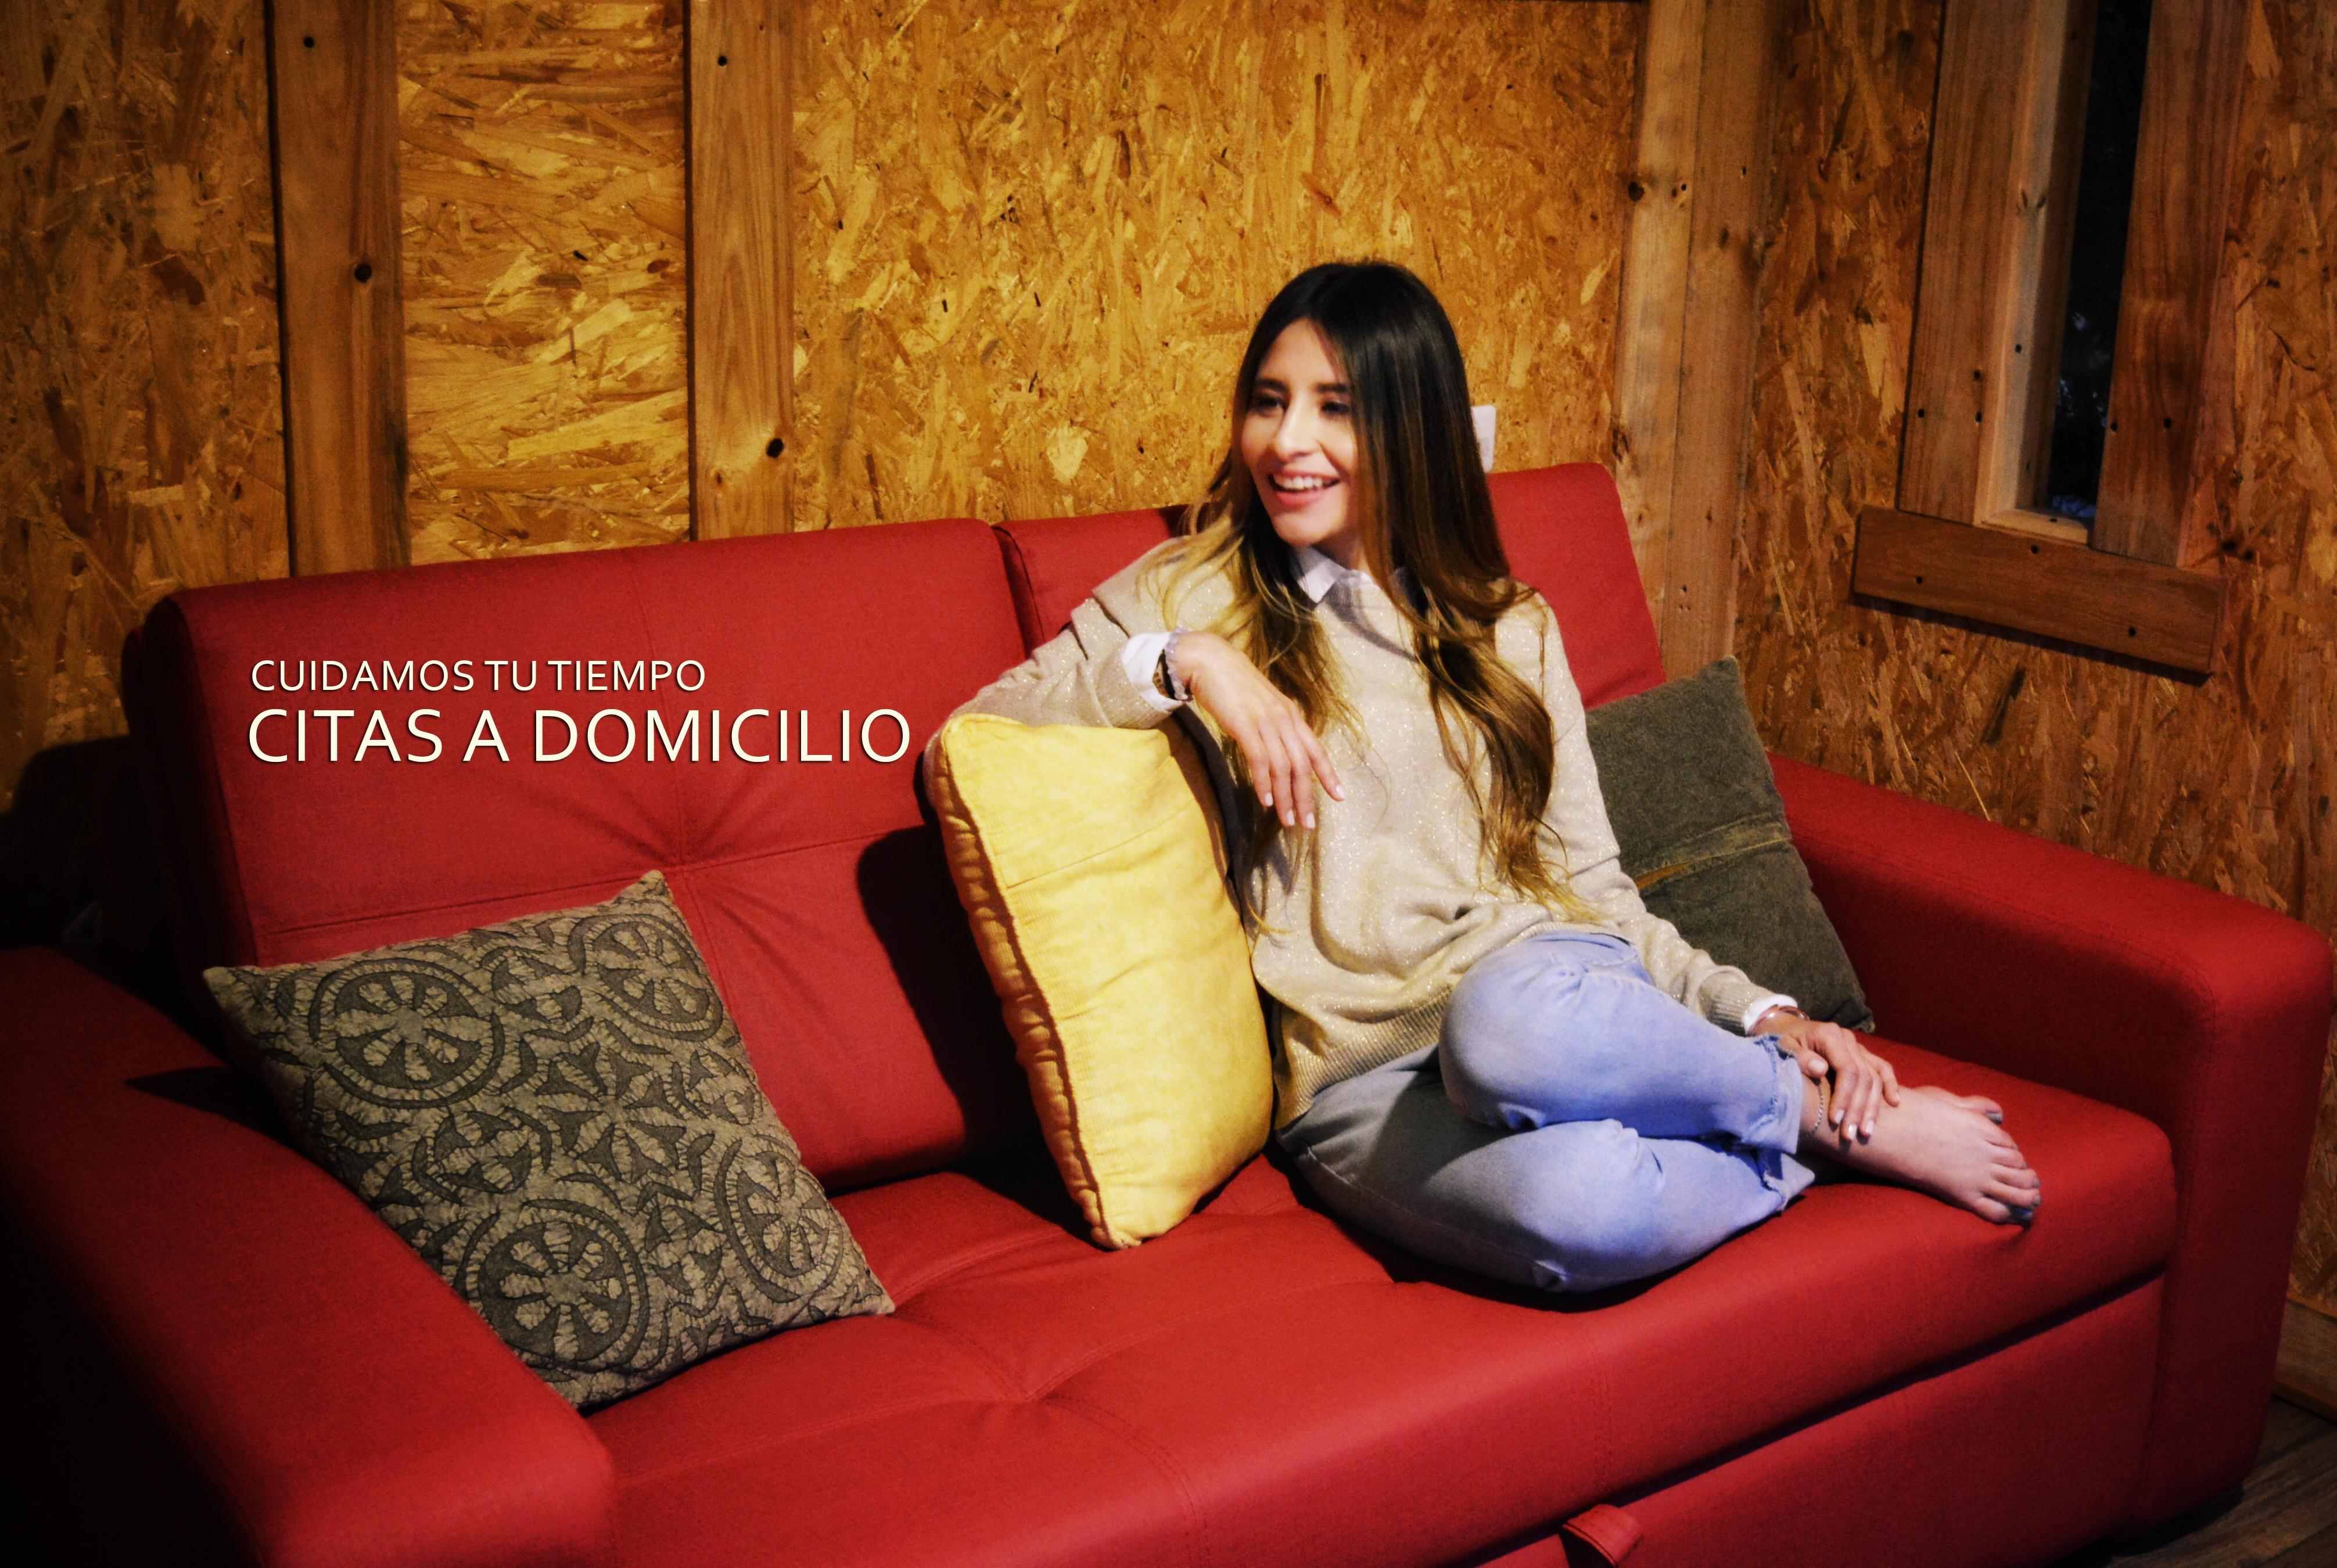 Psicologa de Terapias Alternativas Bogotá